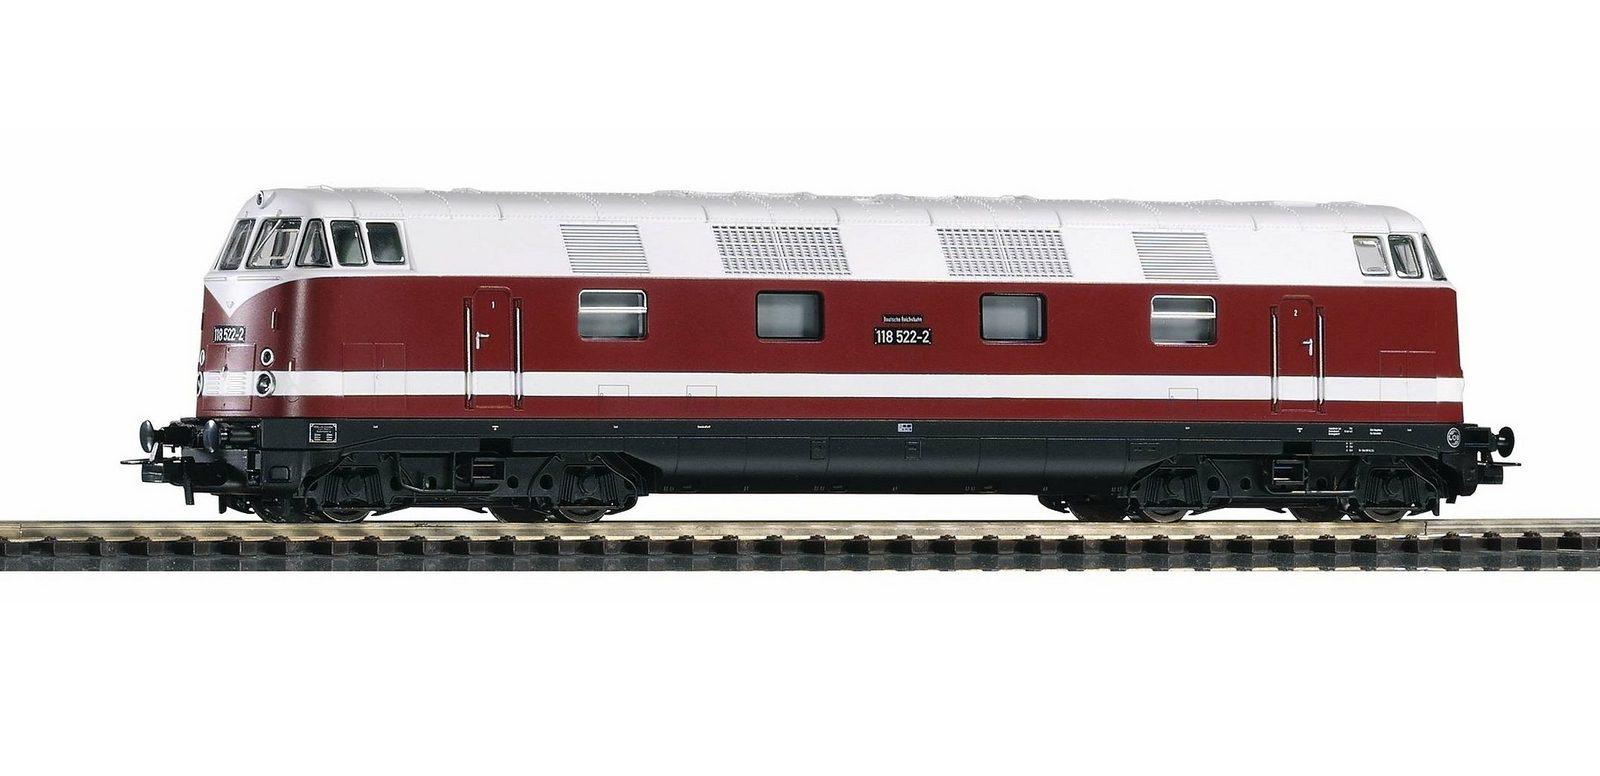 PIKO Diesellok, »Diesellokomotive, BR 118, DR - Wechselstrom« Spur H0 - broschei